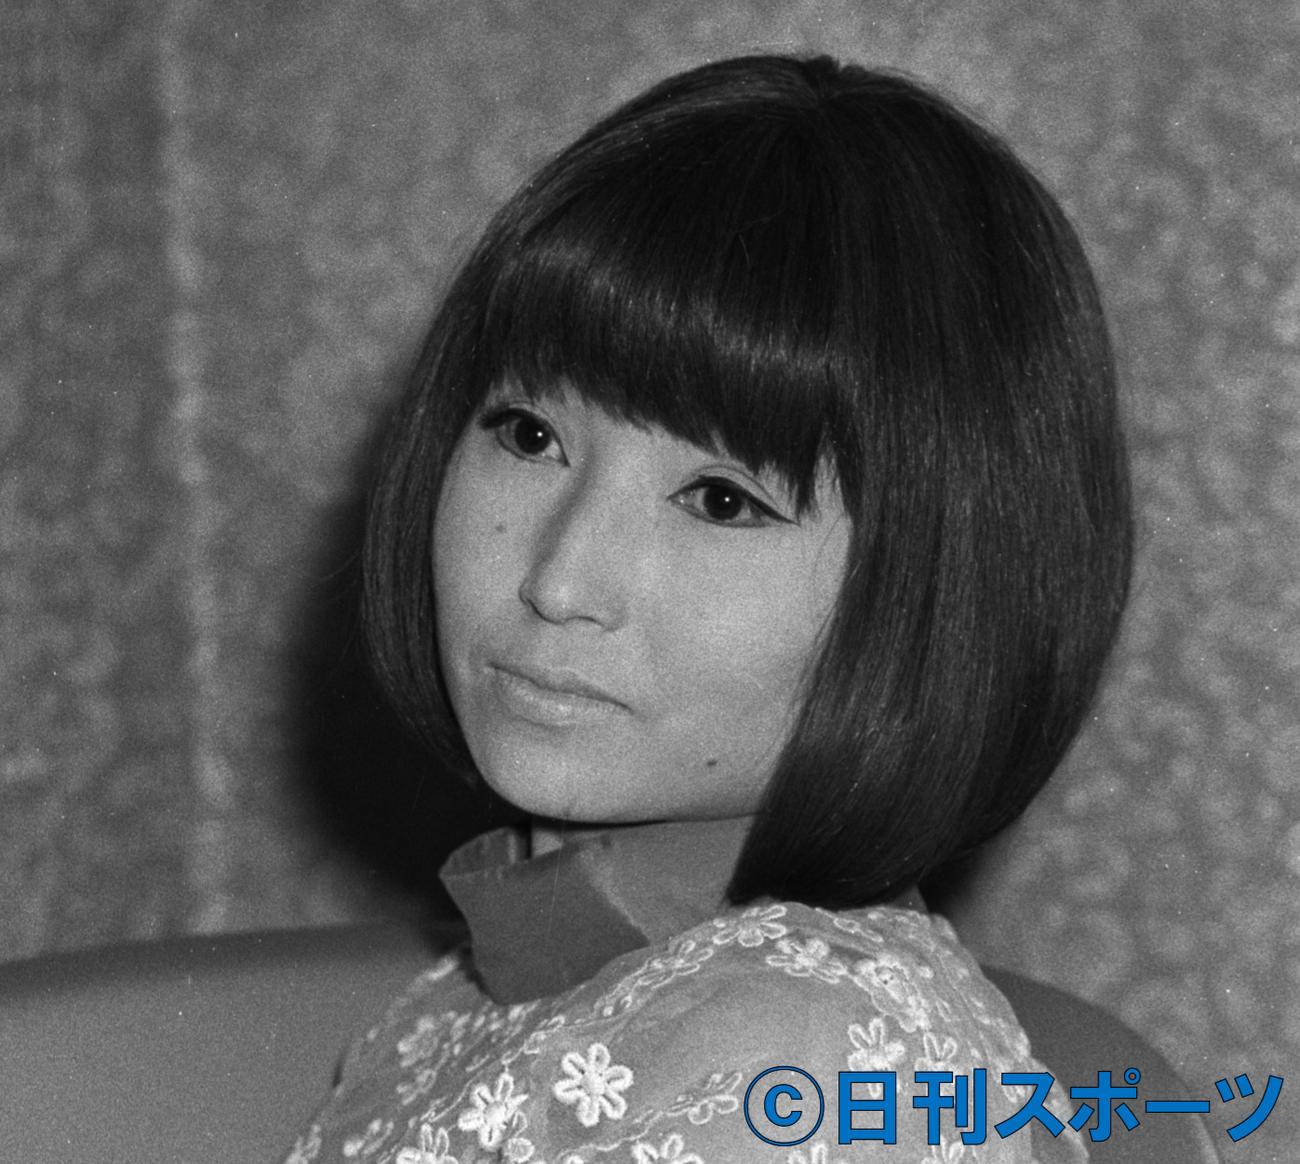 黒柳徹子(69年撮影)